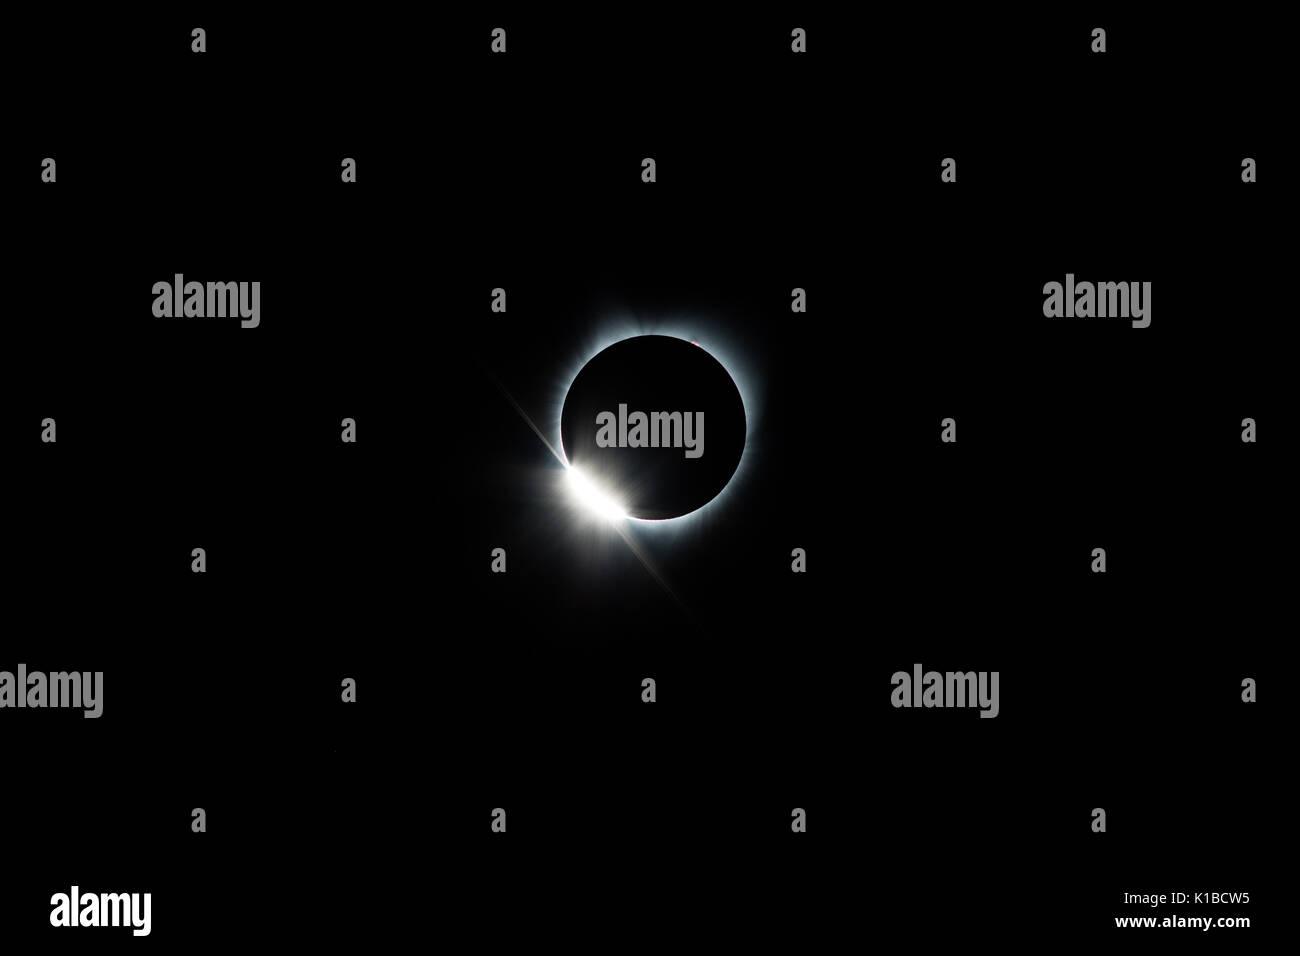 Bei einer totalen Sonnenfinsternis der Mond vollständig bedeckt die Sonne. Dieses unglaubliche Ereignis kann im Durchschnitt alle 18 Monate irgendwo auf der Erde gesehen werden. Stockbild